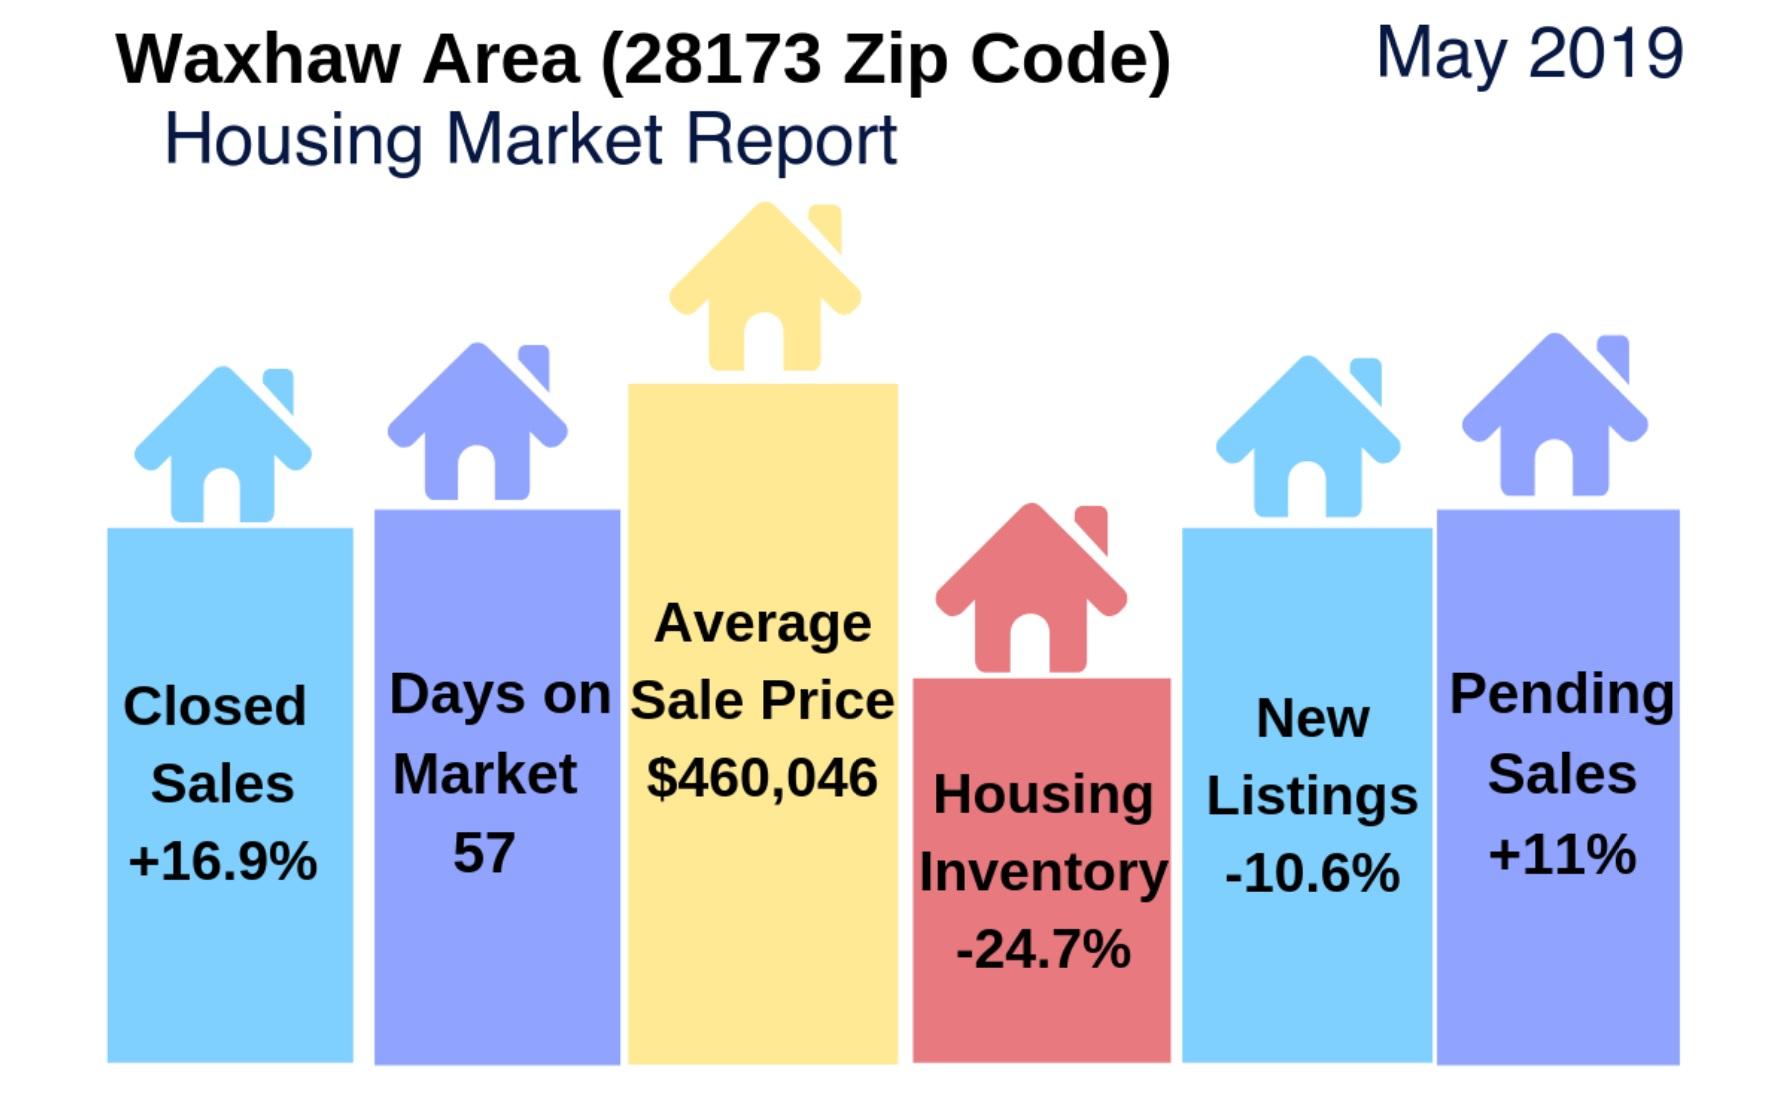 Waxhaw Area (28173 Zip Code) Housing Market Update & Video: May 2019